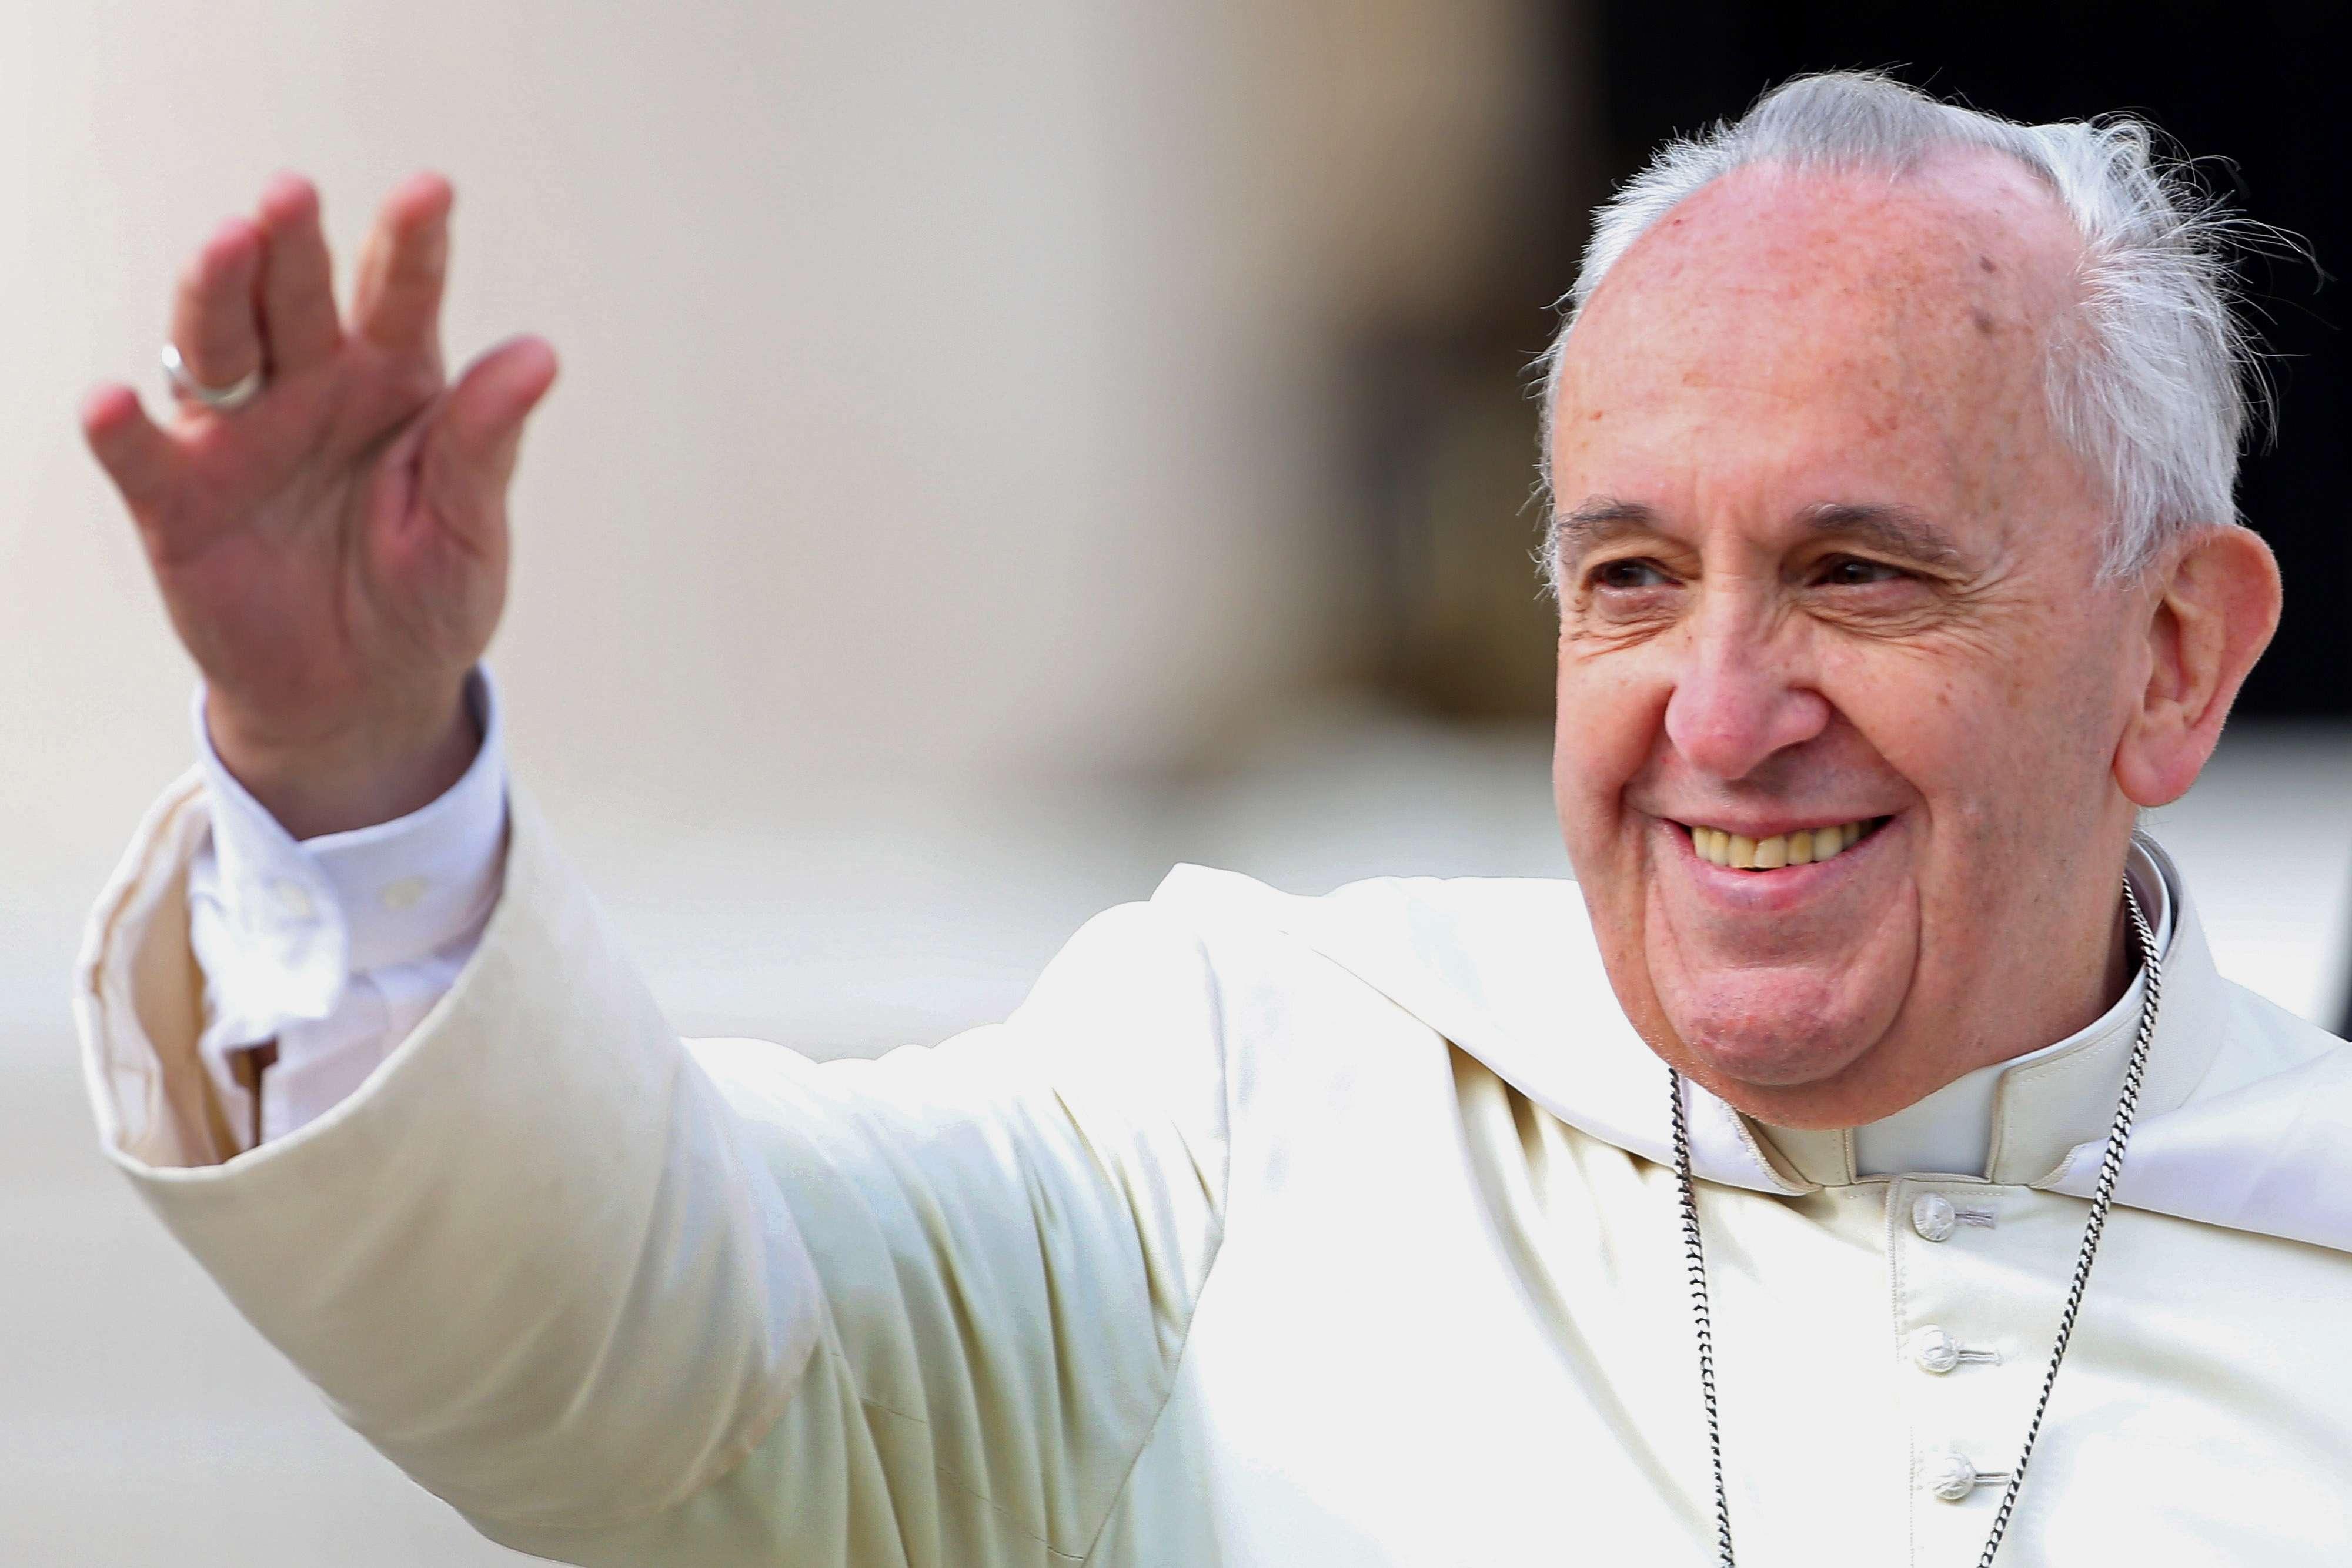 El papa Francisco recibió en la Casa de Santa Marta al español Diego Neria Lejárraga, quien hace 48 años nació como mujer. Foto: Getty Images